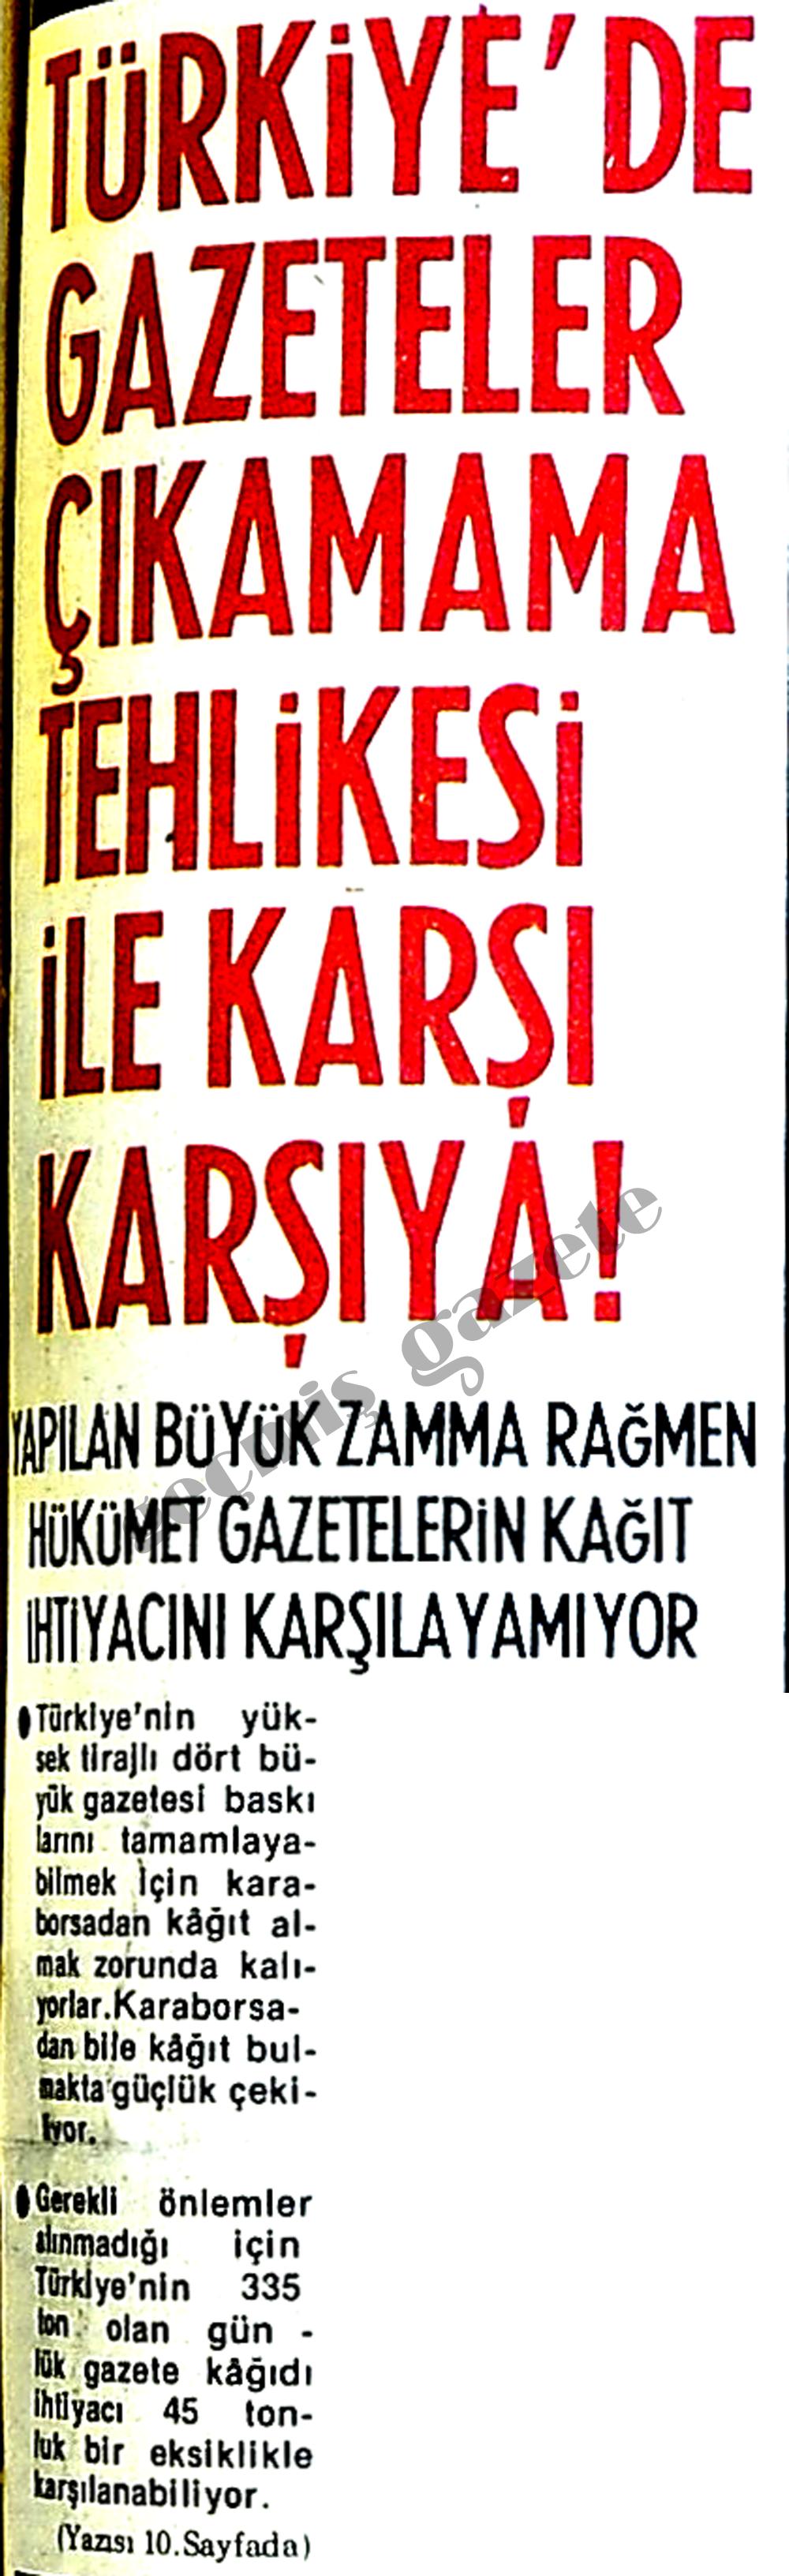 Türkiye'de gazeteler çıkamama tehlikesi ile karşı karşıya!